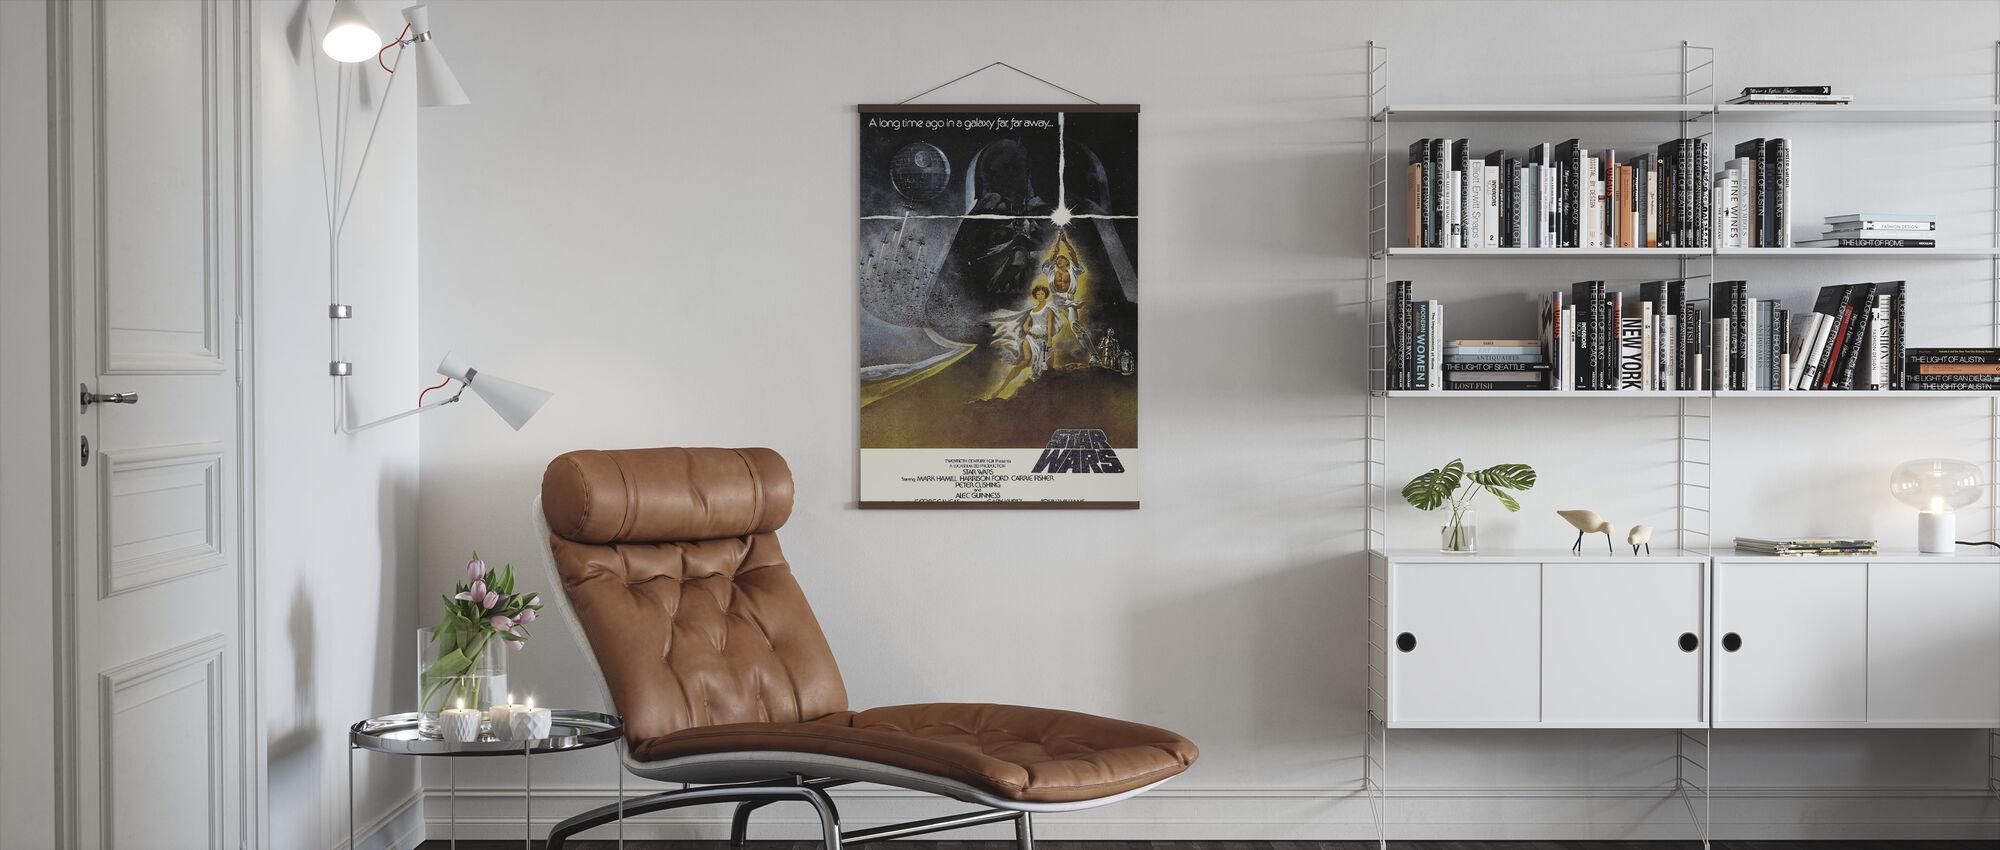 Star Wars Episode IV - Poster - Living Room